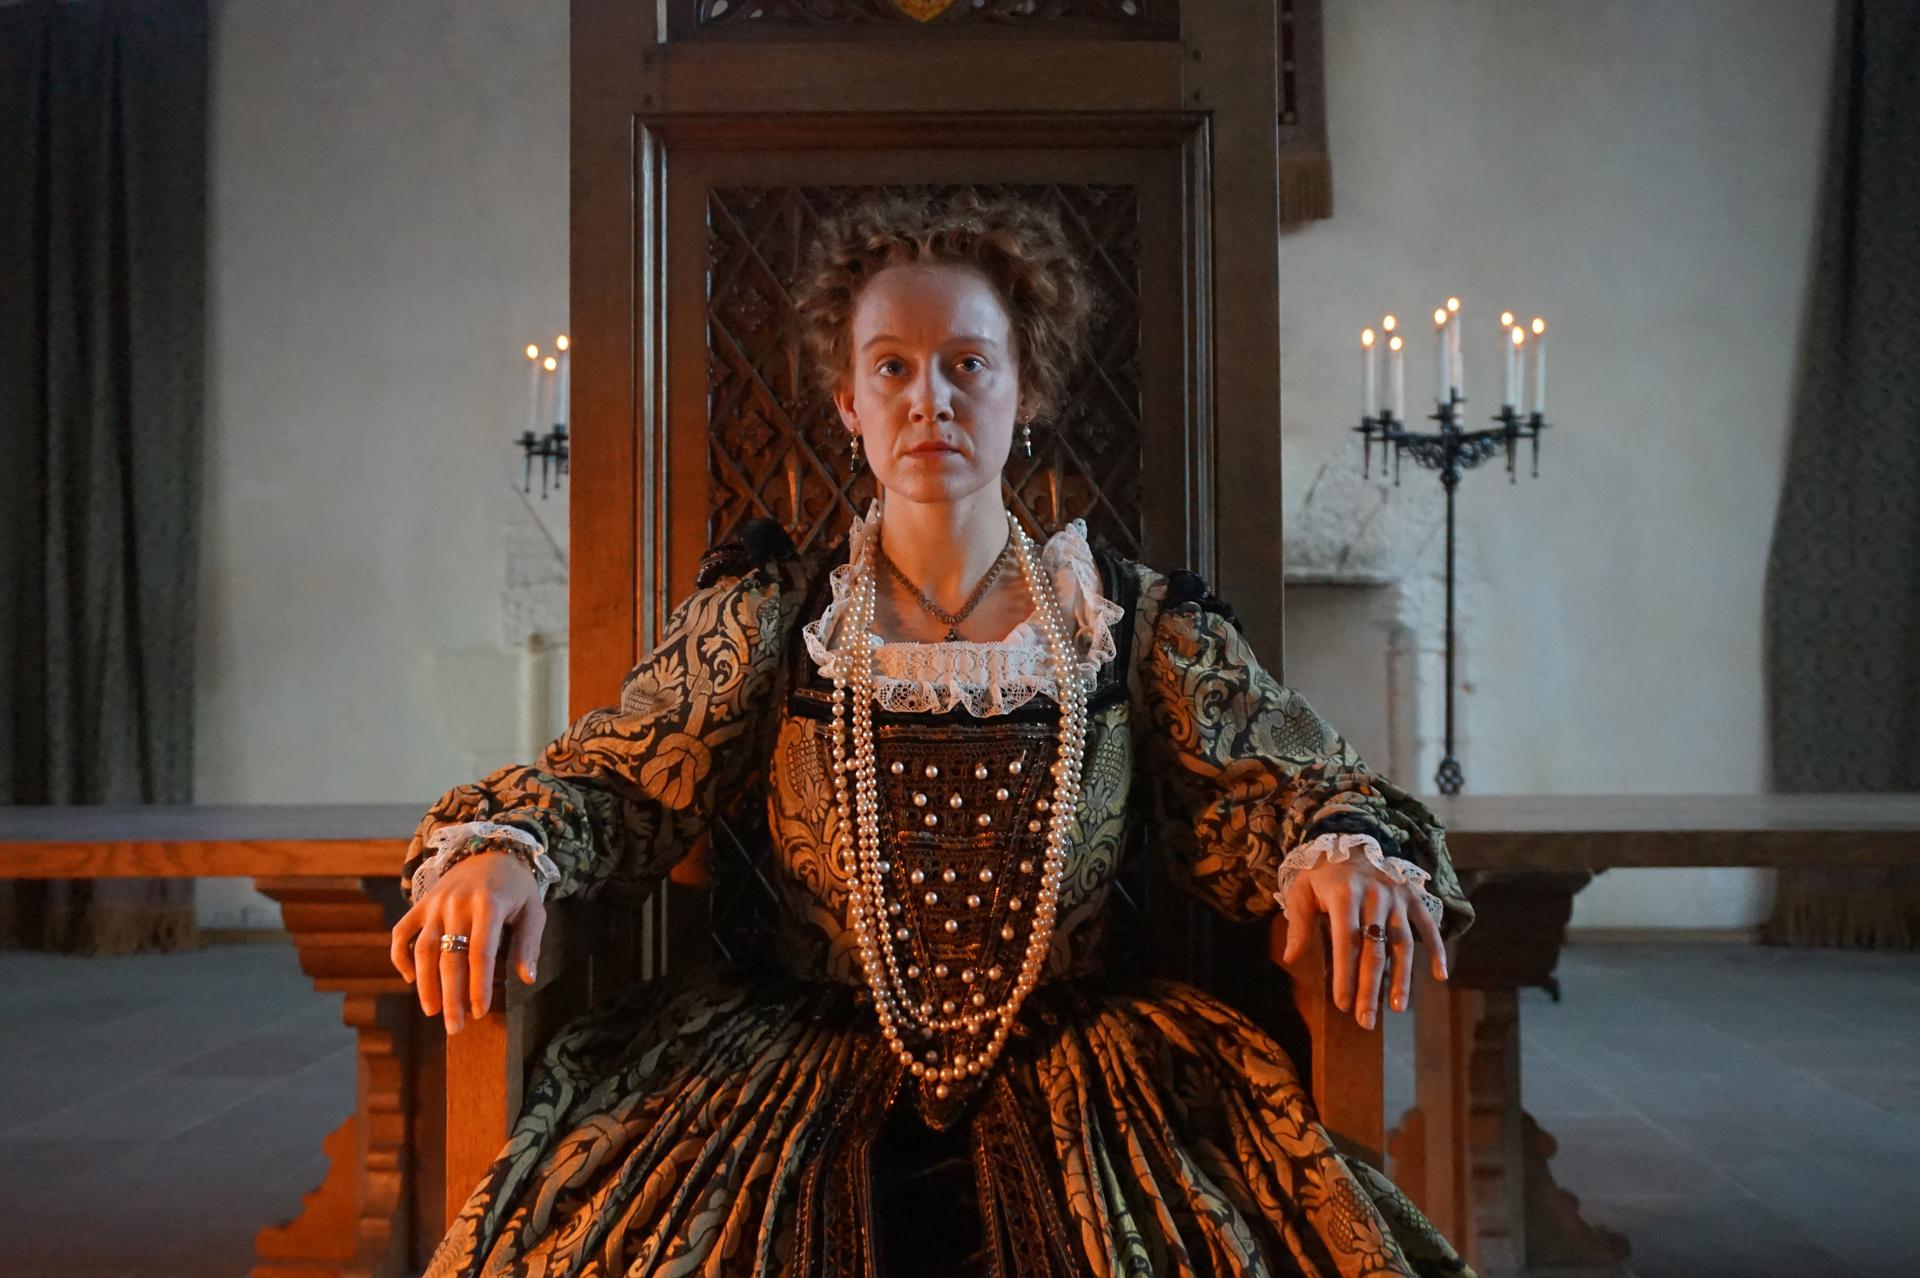 Die Clans bestimmen über das Schicksal der jungen schottischen Königin Mary Stewart. Sie ist gefangen in einem Netz aus Verschwörungen, Gegenverschwörungen und blutigen Machtkämpfen.  © ZDF/BBC Studios